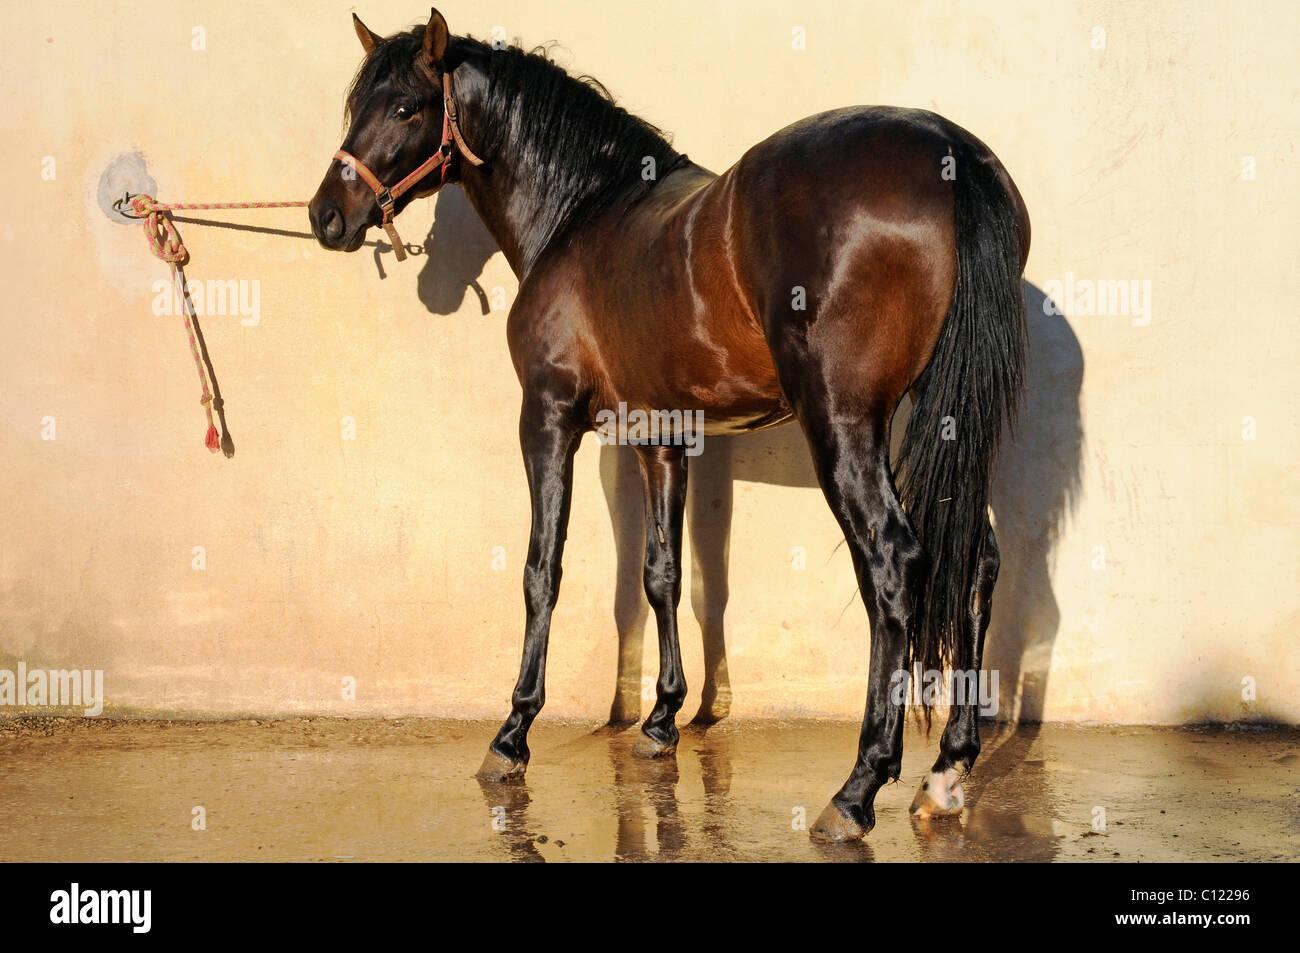 Cavallo, mantello lucido, maneggio, equitazione, allevamento, Costa Blanca, provincia di Alicante, Spagna, Europa Immagini Stock